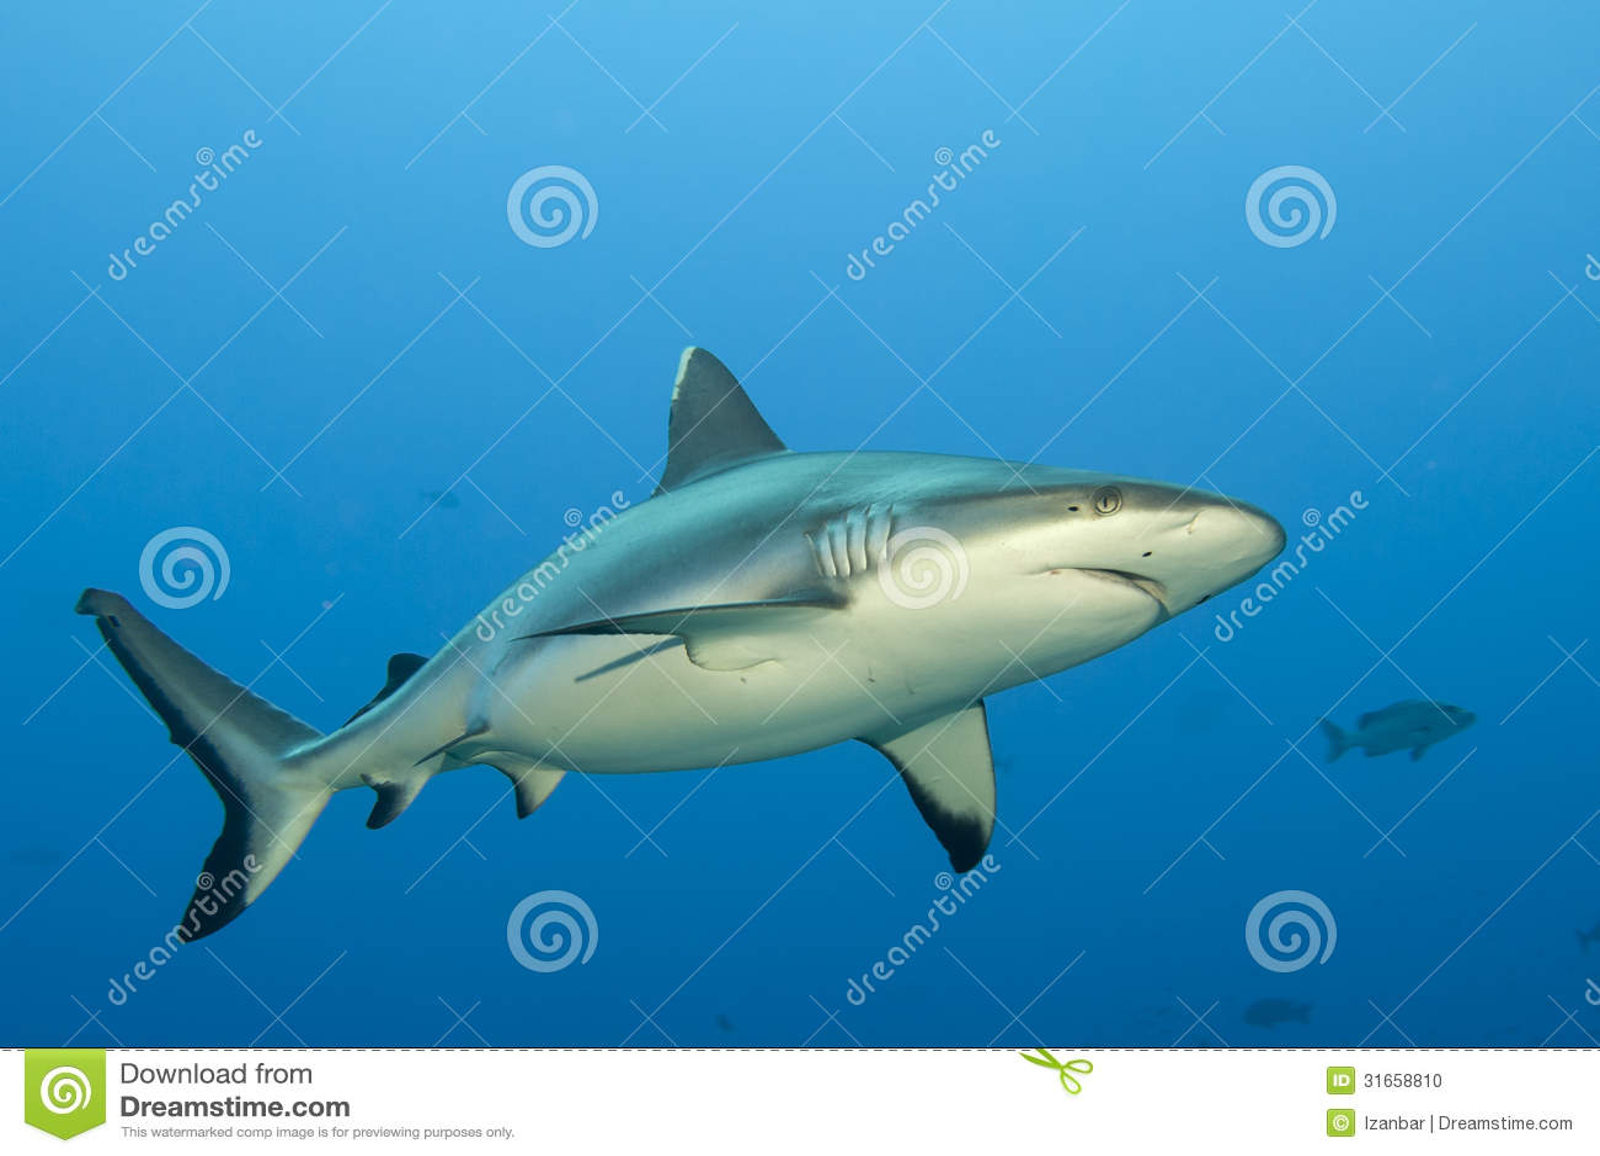 Σαγόνια γκρίζα καρχαριών έτοιμα να επιτεθούν στο υποβρύχιο στενό επάνω πορτρέτο